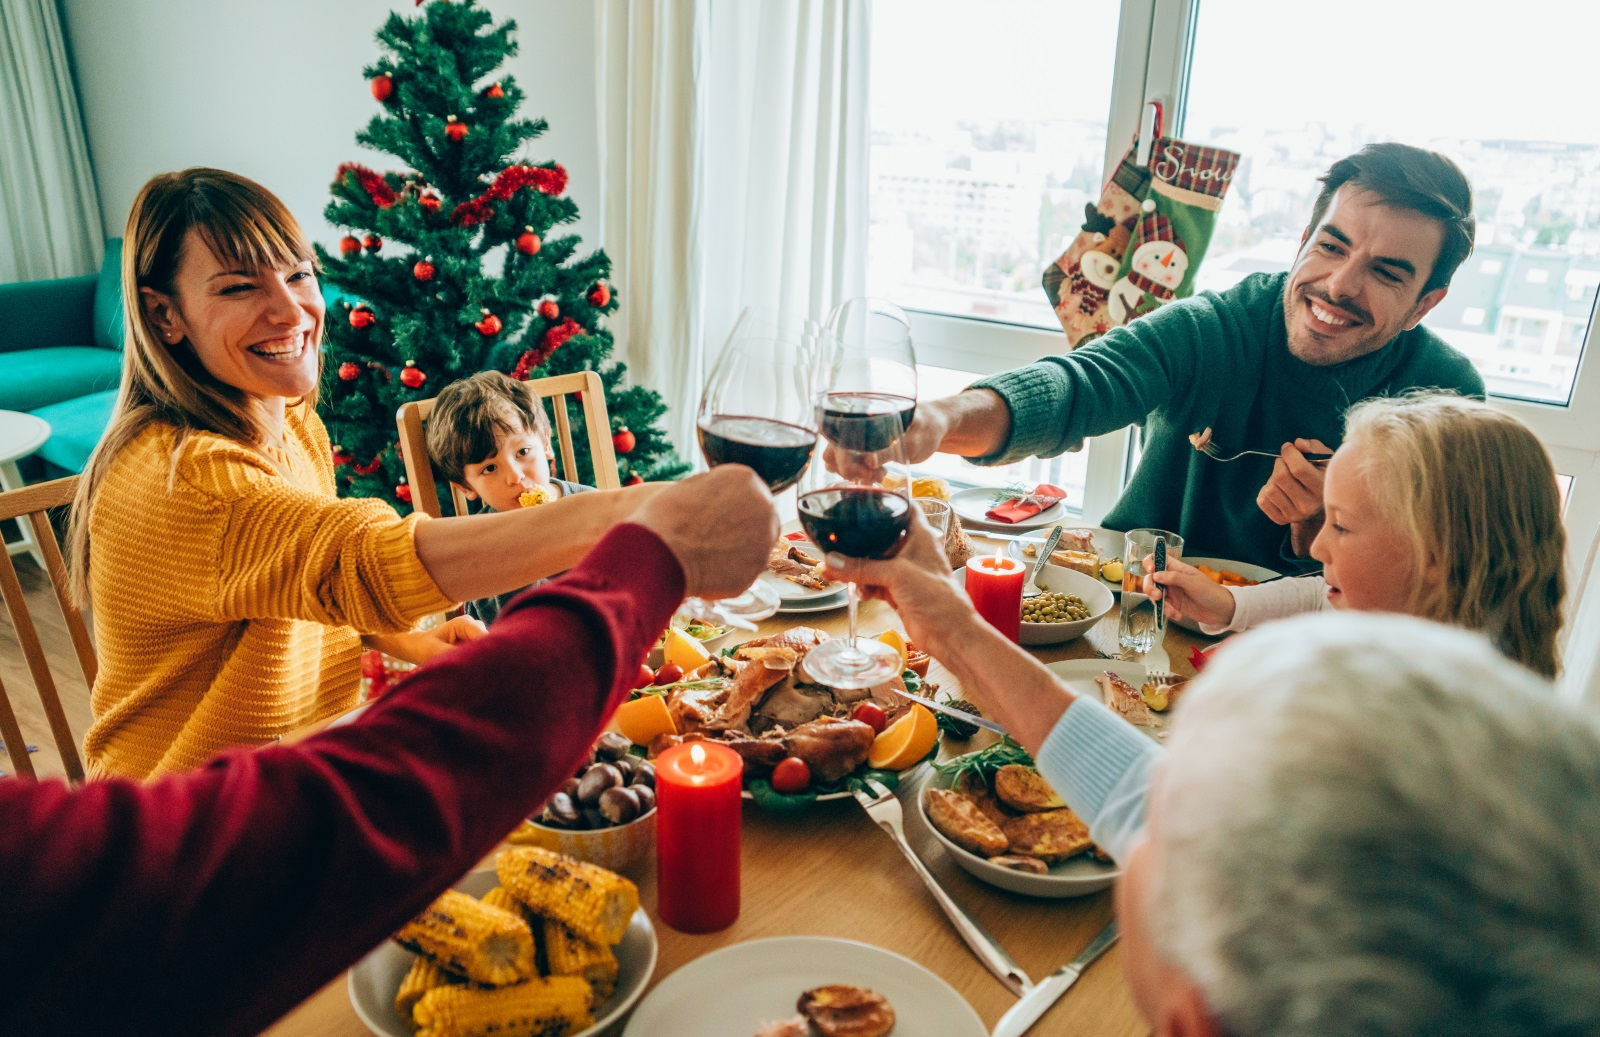 <p>На 25 декември празнуваме Коледа, също позната, като Рождество Христово, Божик или Божич. Това е един от най-големите църковни празници в християнския свят.&nbsp;Празникът започва в първите часове на 25 декември.&nbsp;Той е своеобразно продължение на Бъдни вечер. На него християните честват рождението на Сина Божий Иисус Христос.</p>